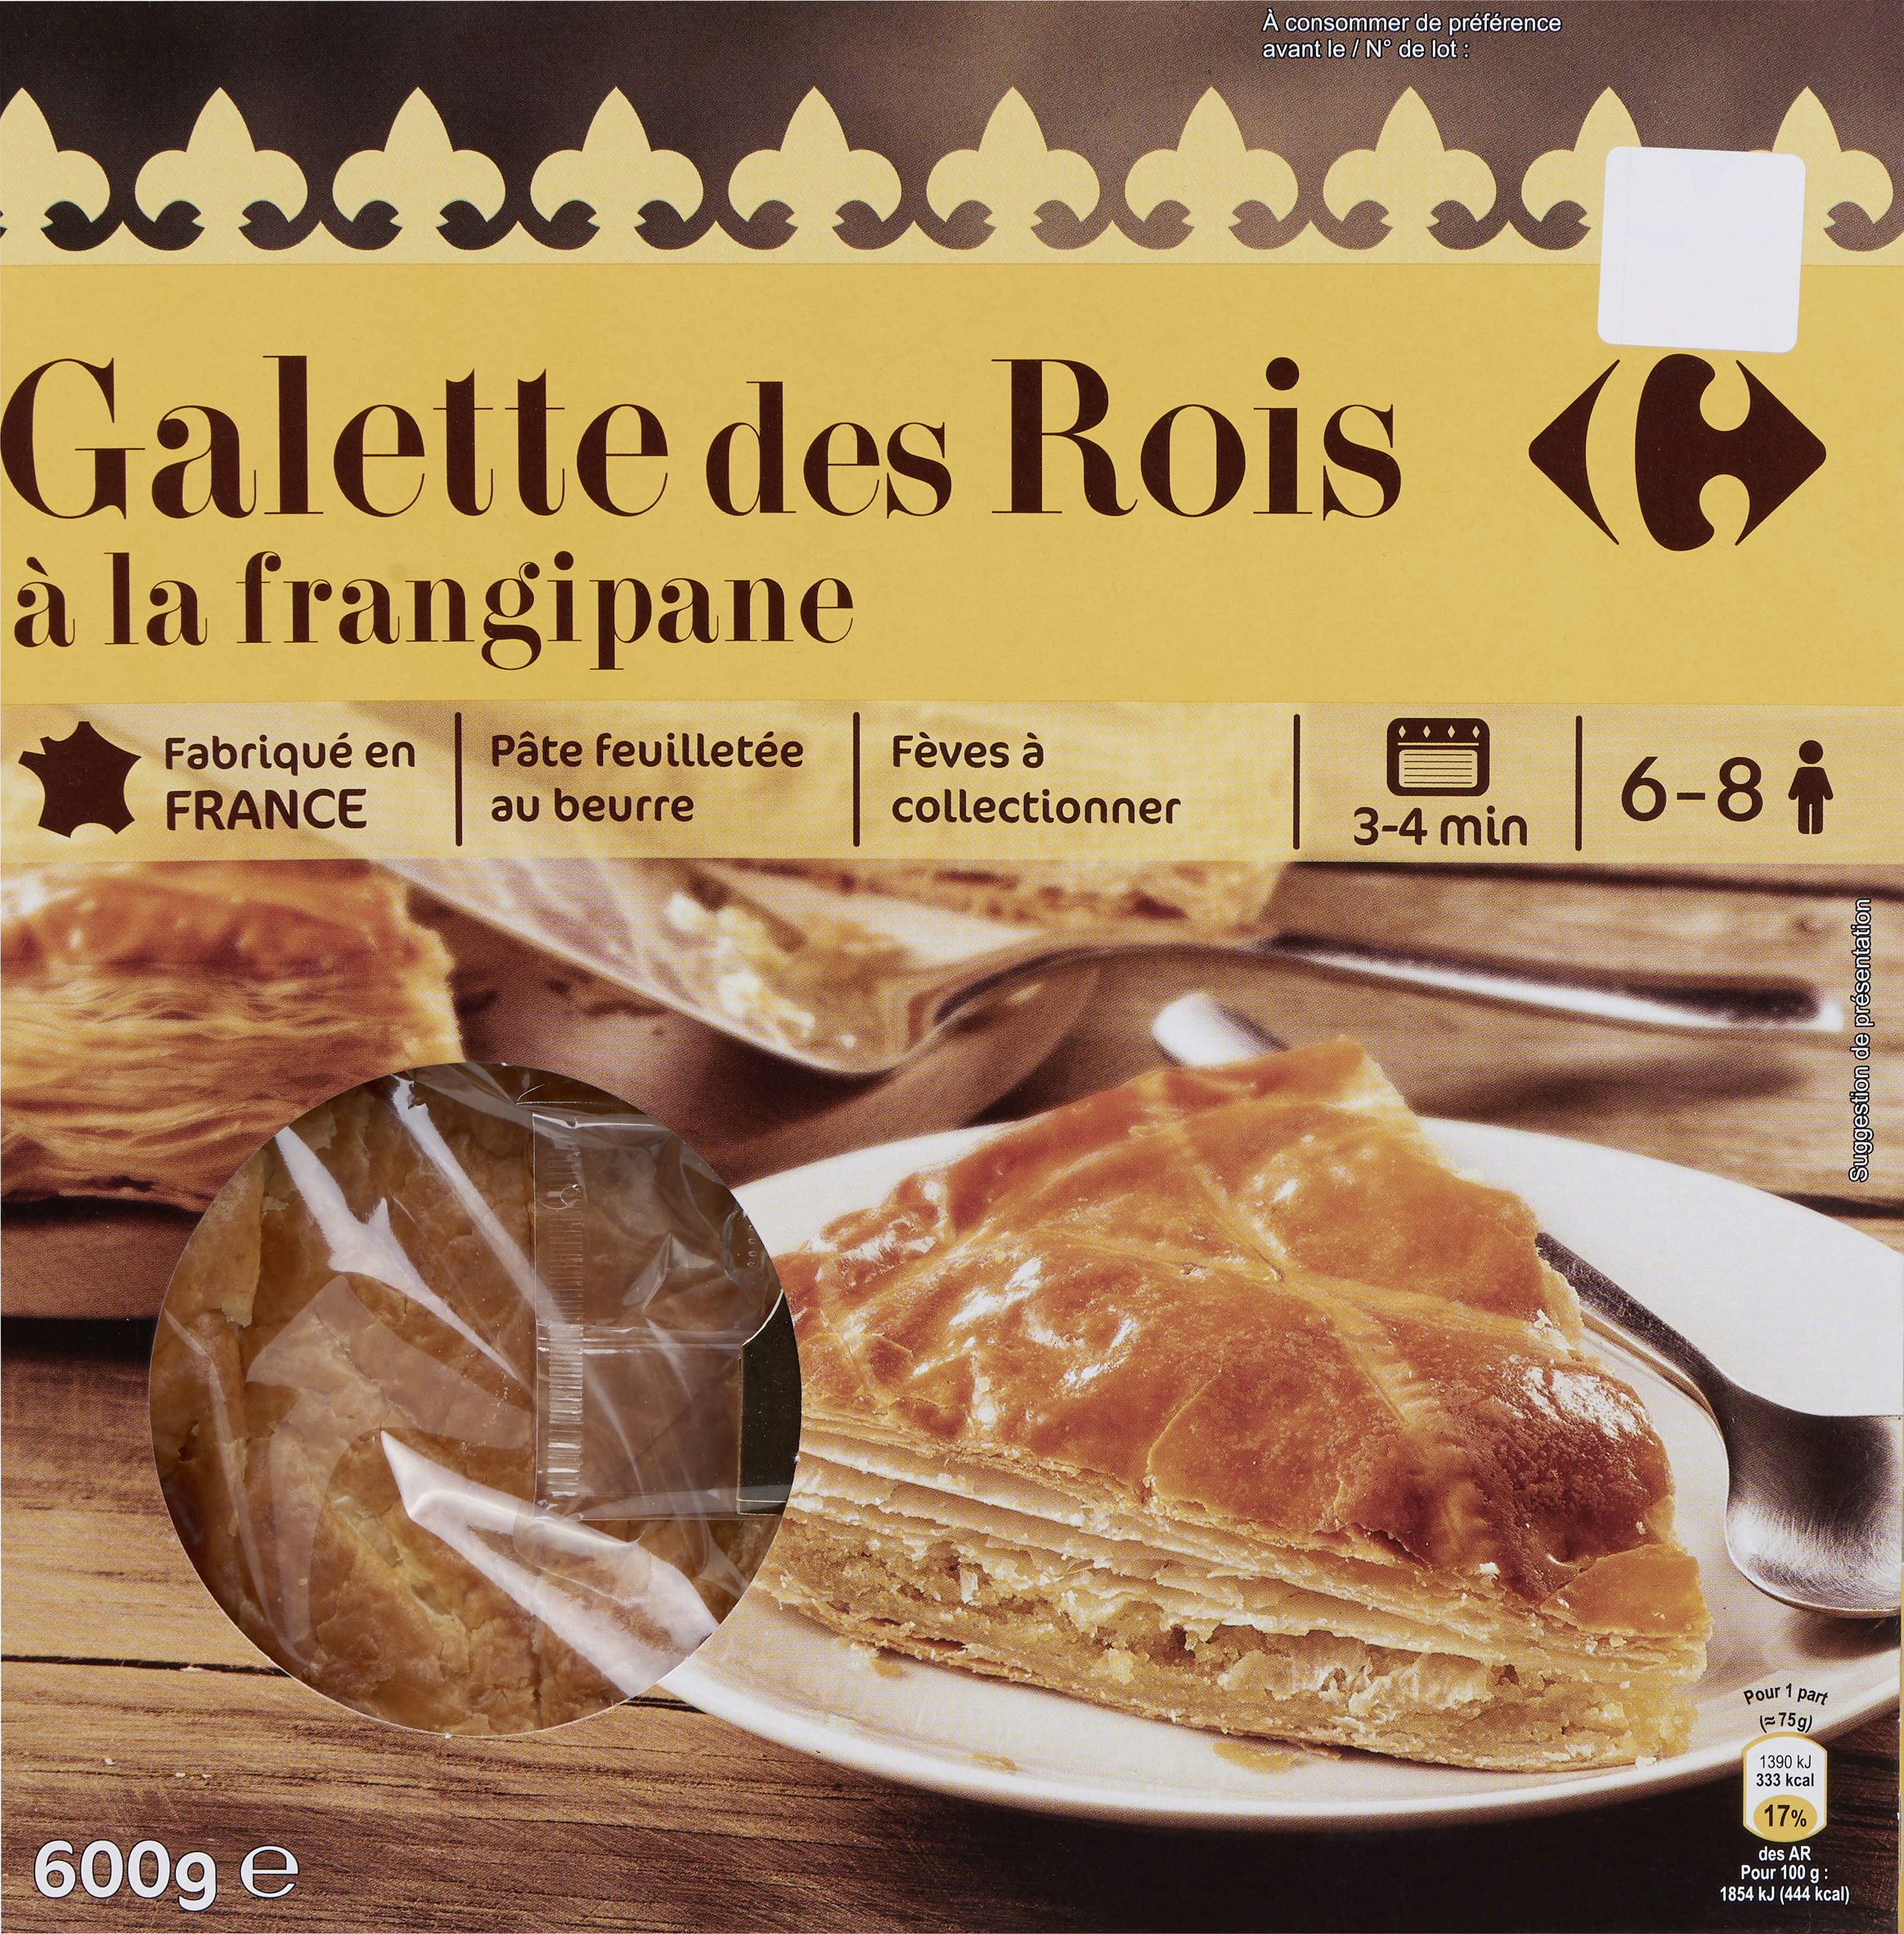 Galette des rois à la frangipane - Product - fr